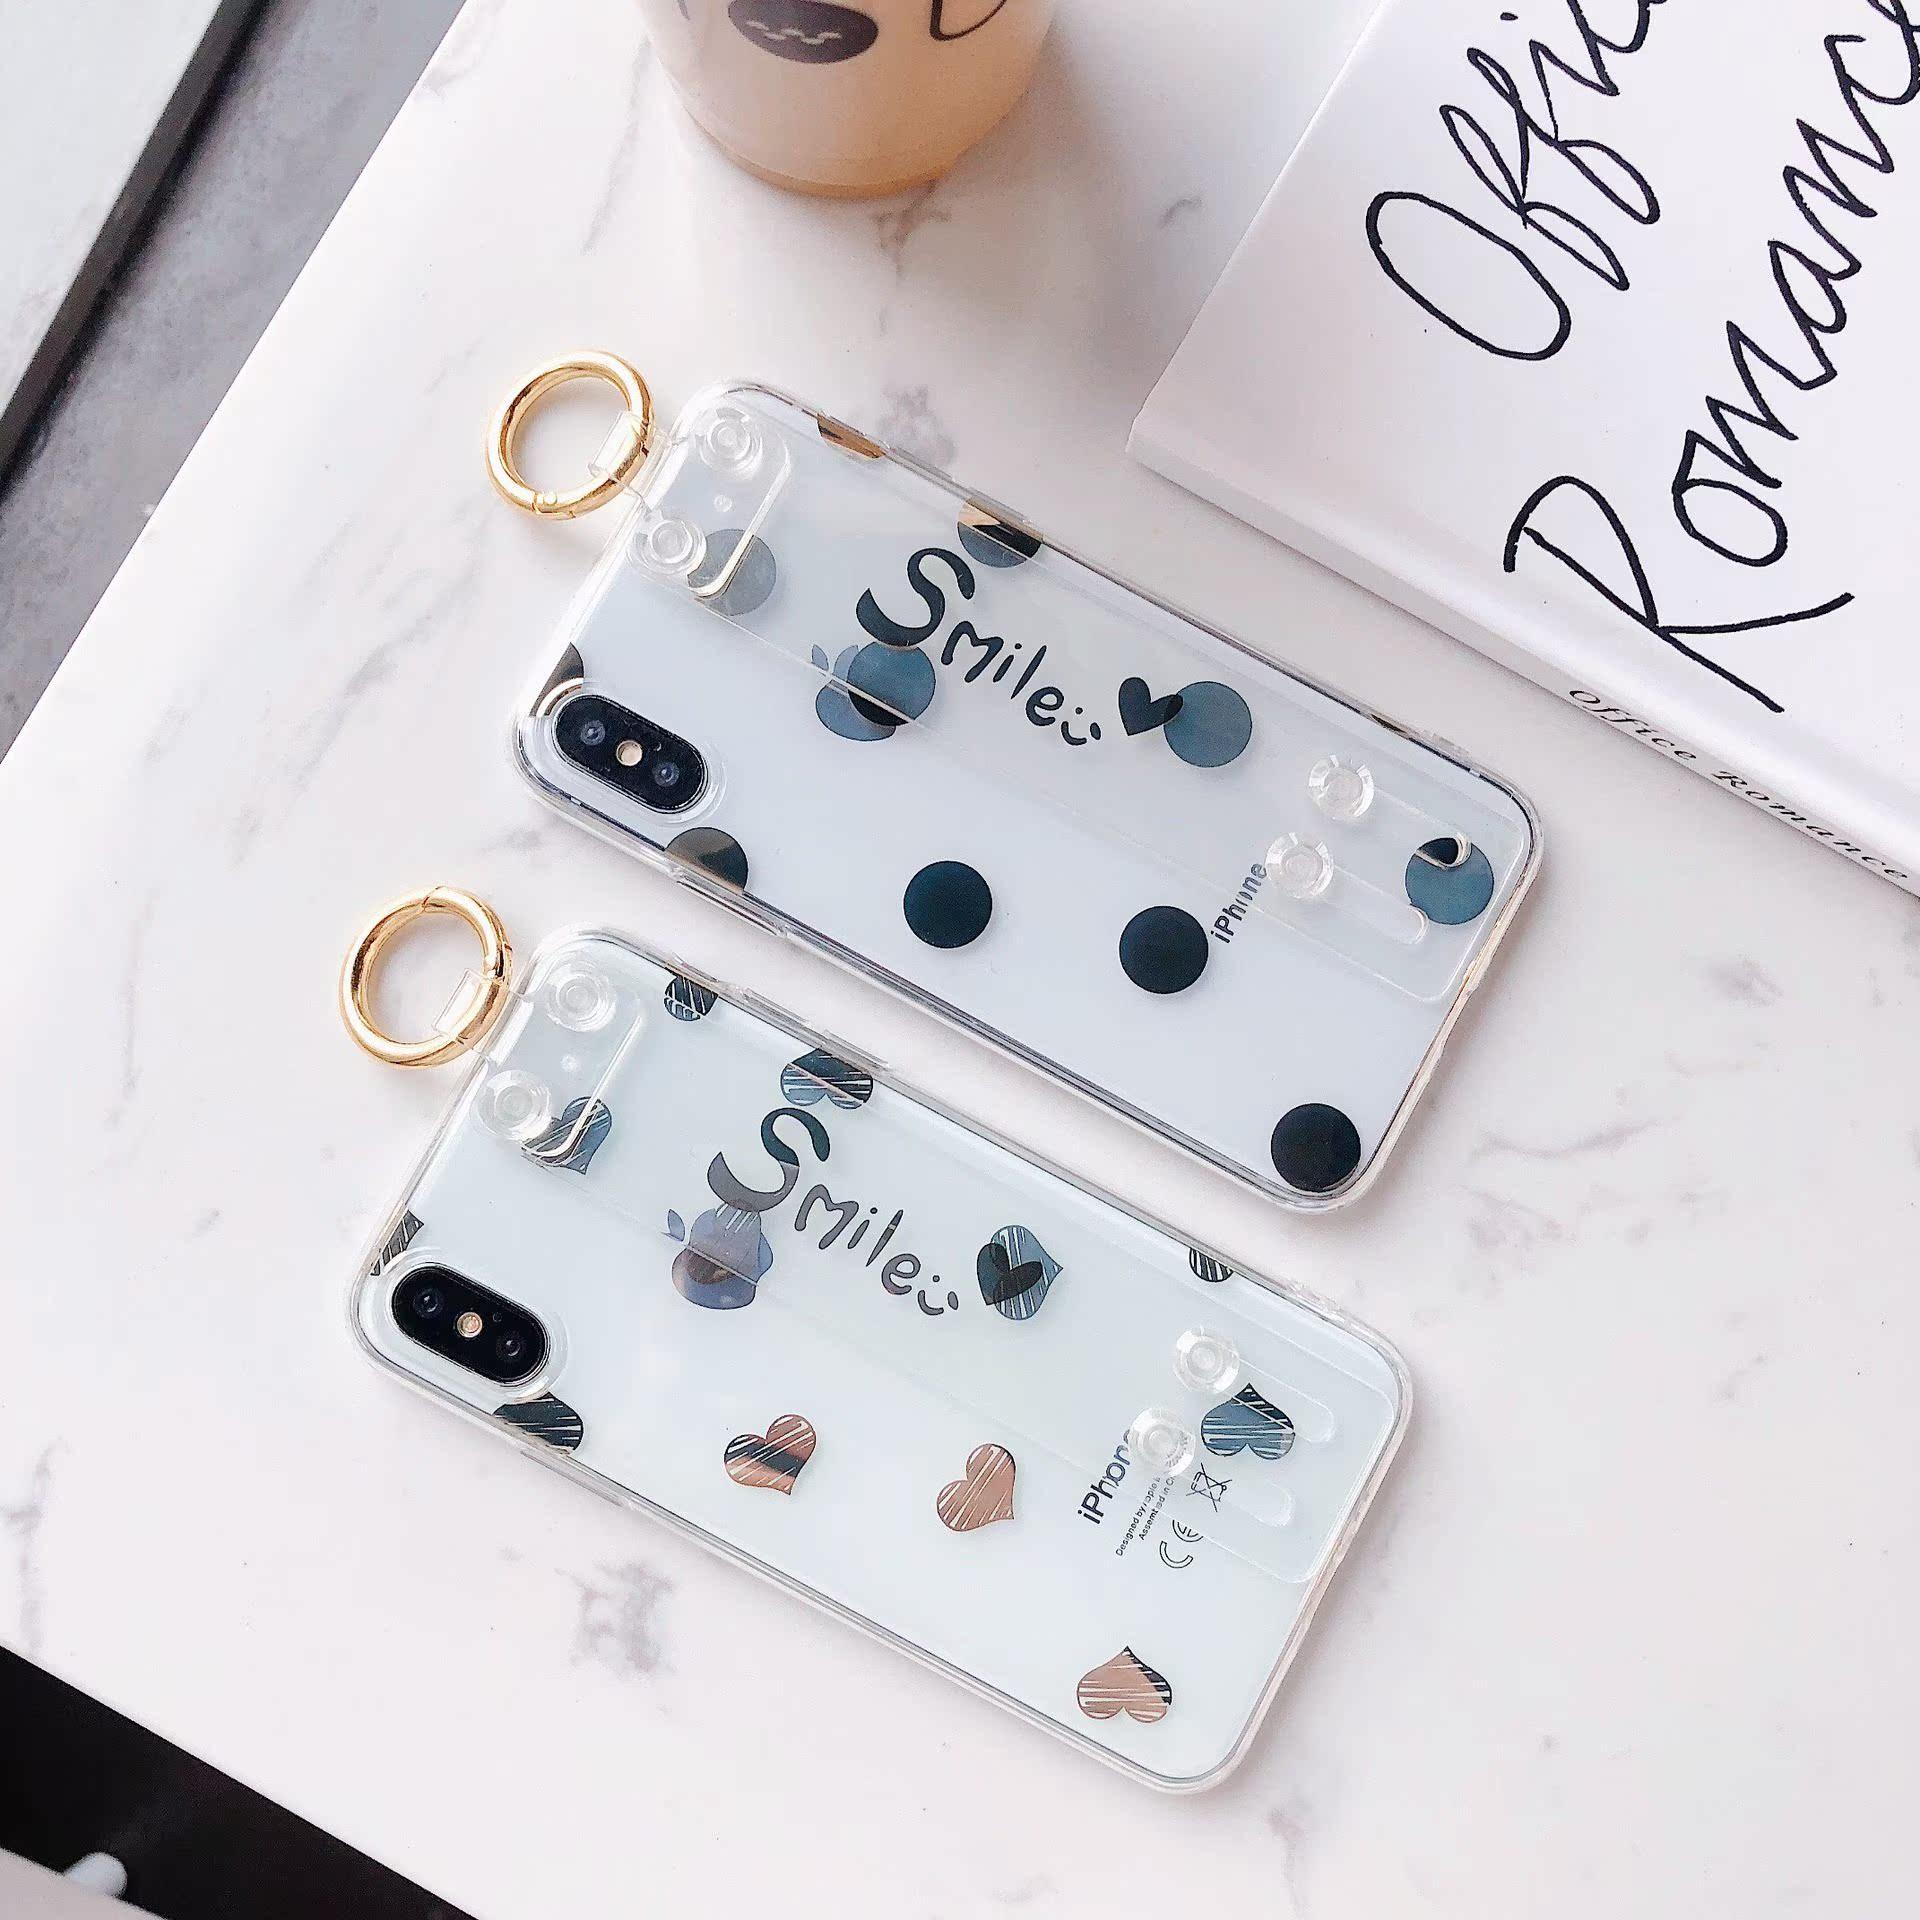 潮牌电镀波点爱心腕带支架iPhoneX手机壳适用苹果7Plus软胶女款6S